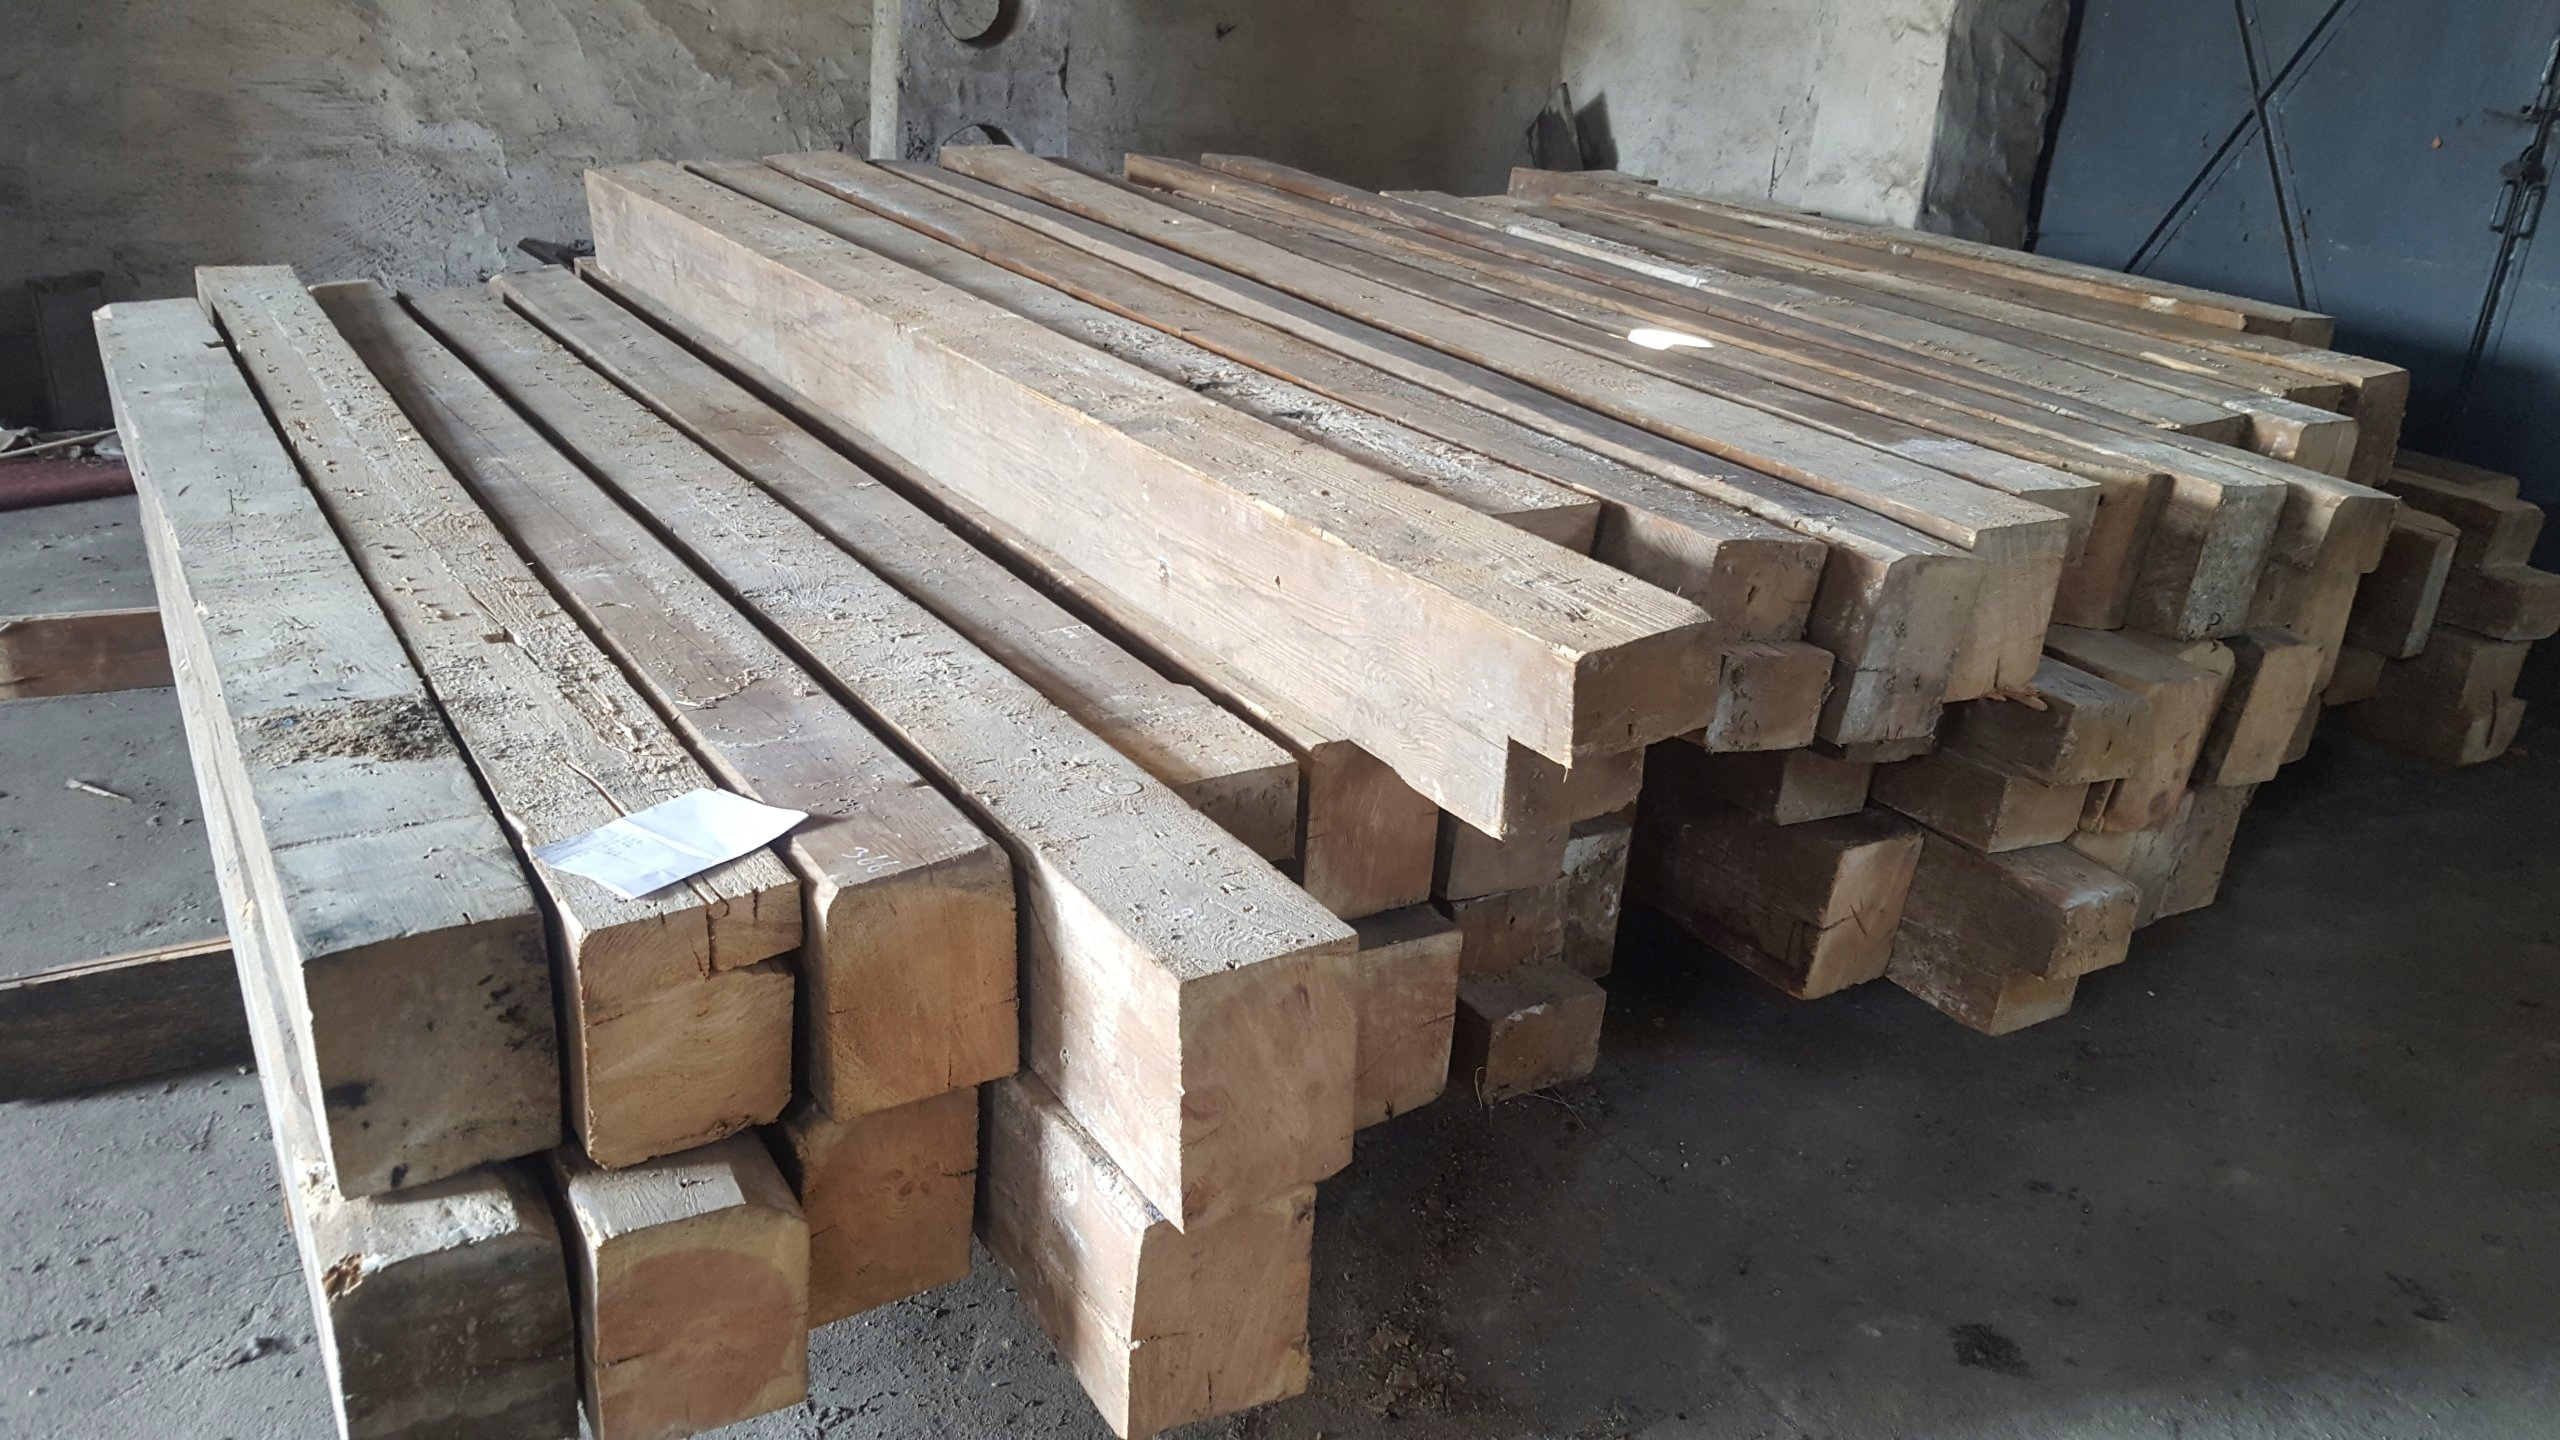 W superbly Stare Drewno Belki Drewniane Rozbiórka 790 zł/m3 - 7497290126 XG44